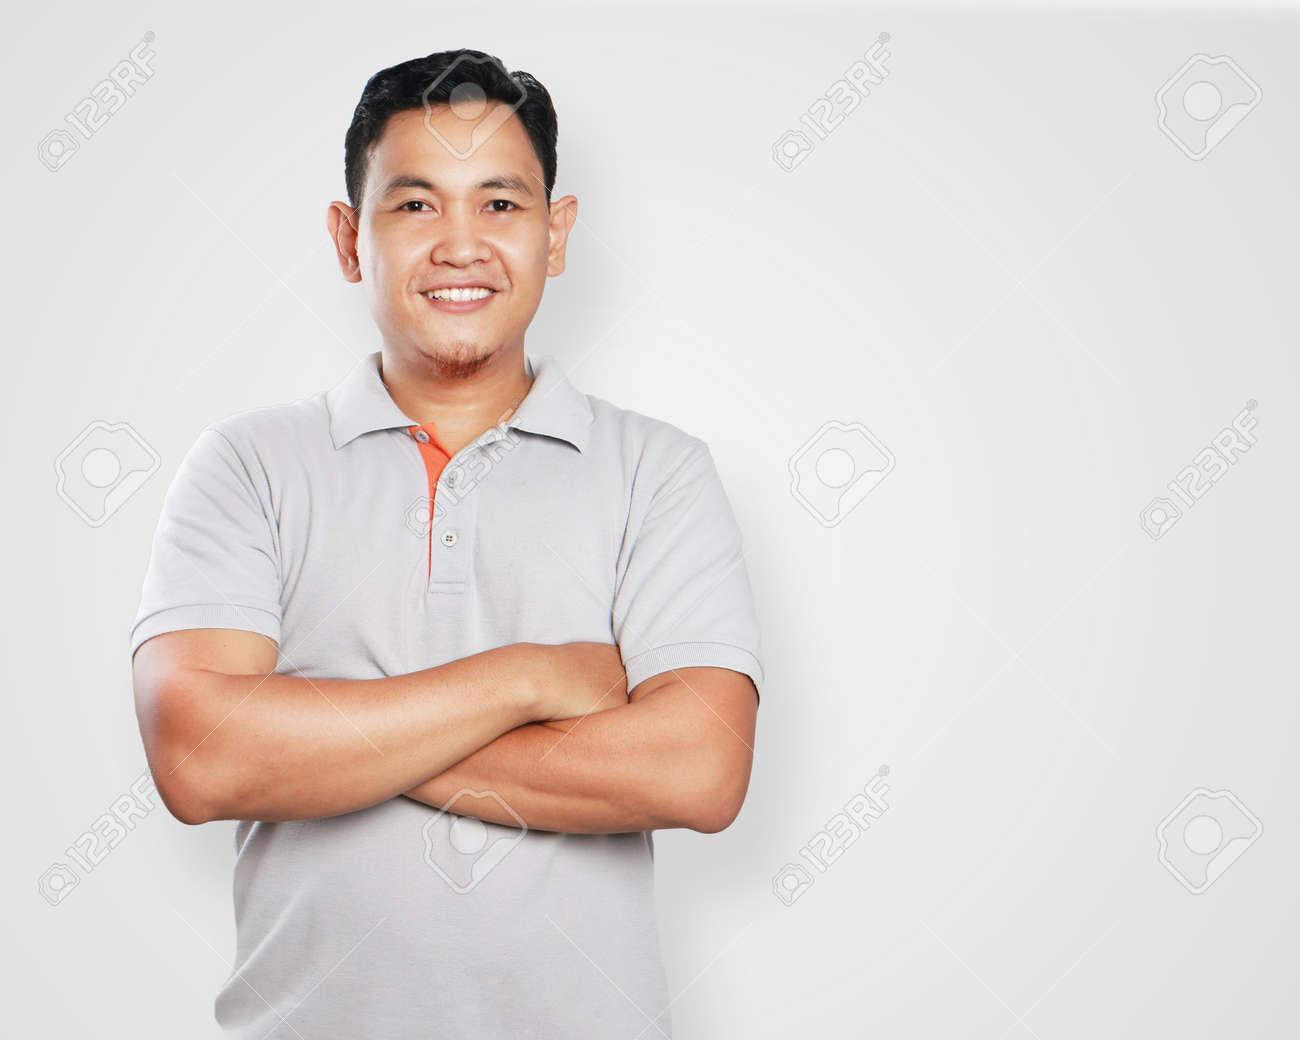 Gutaussehender asiatischer Mann